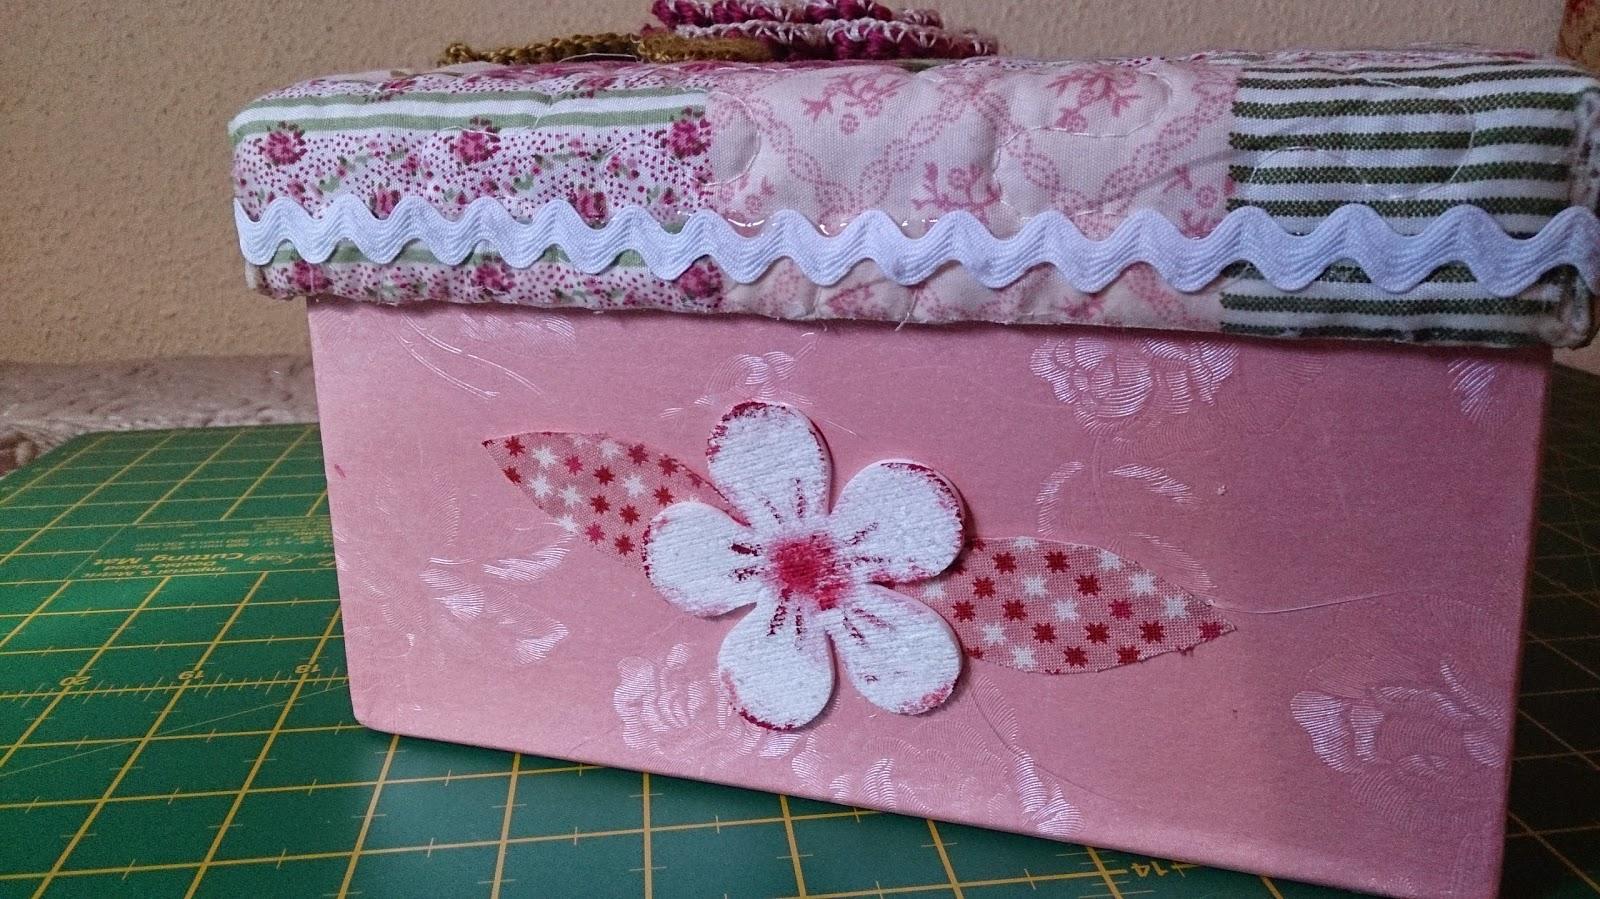 Caja de cart n decorada con tela goma eva y una flor a - Forrar cajas de carton con telas ...